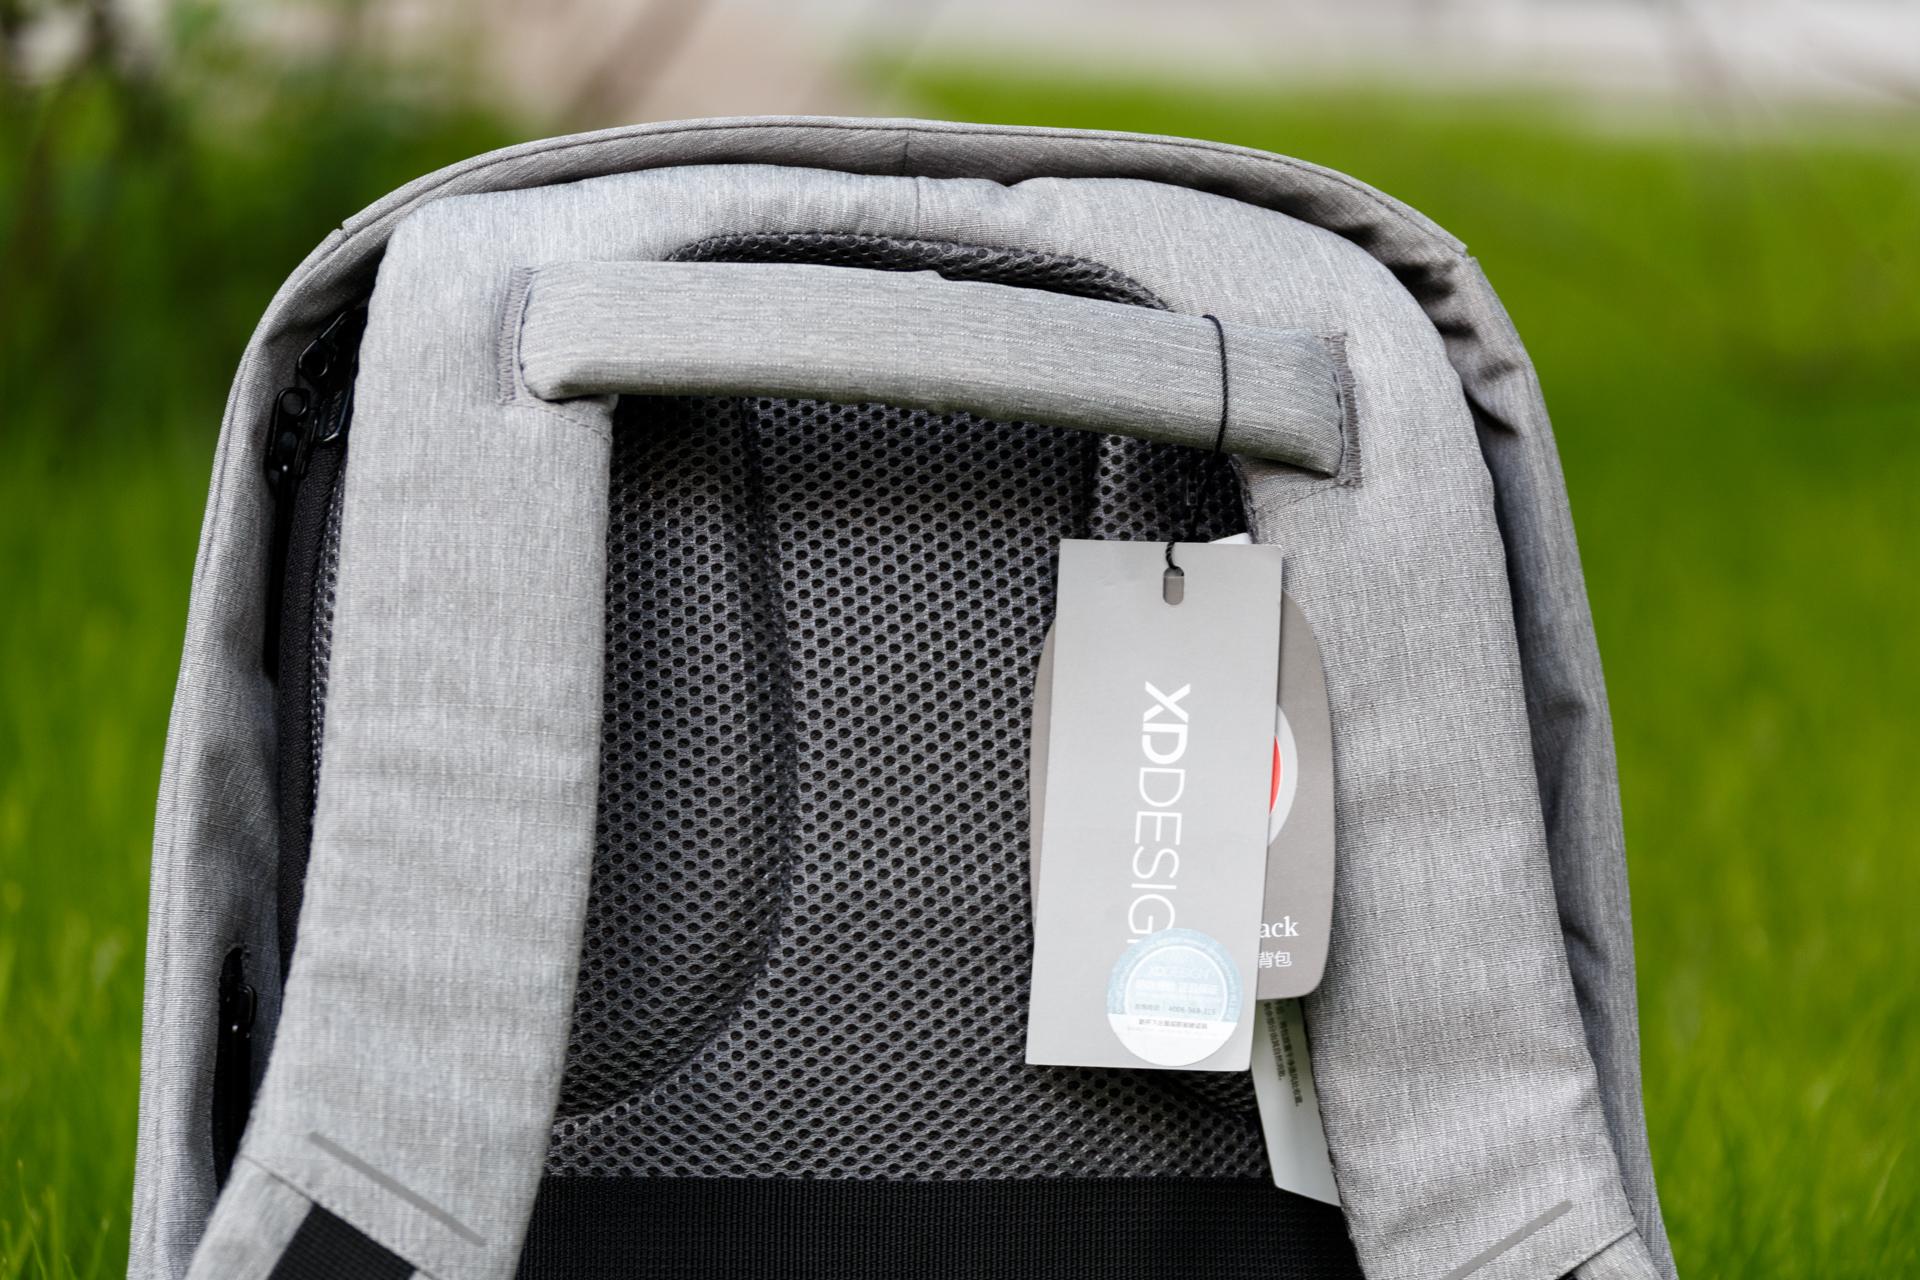 Рюкзак тяжелее чемодана в 2 4 стяжек верхние стяжки рюкзака оснащены фартексами рюкзак оснащен системой спины